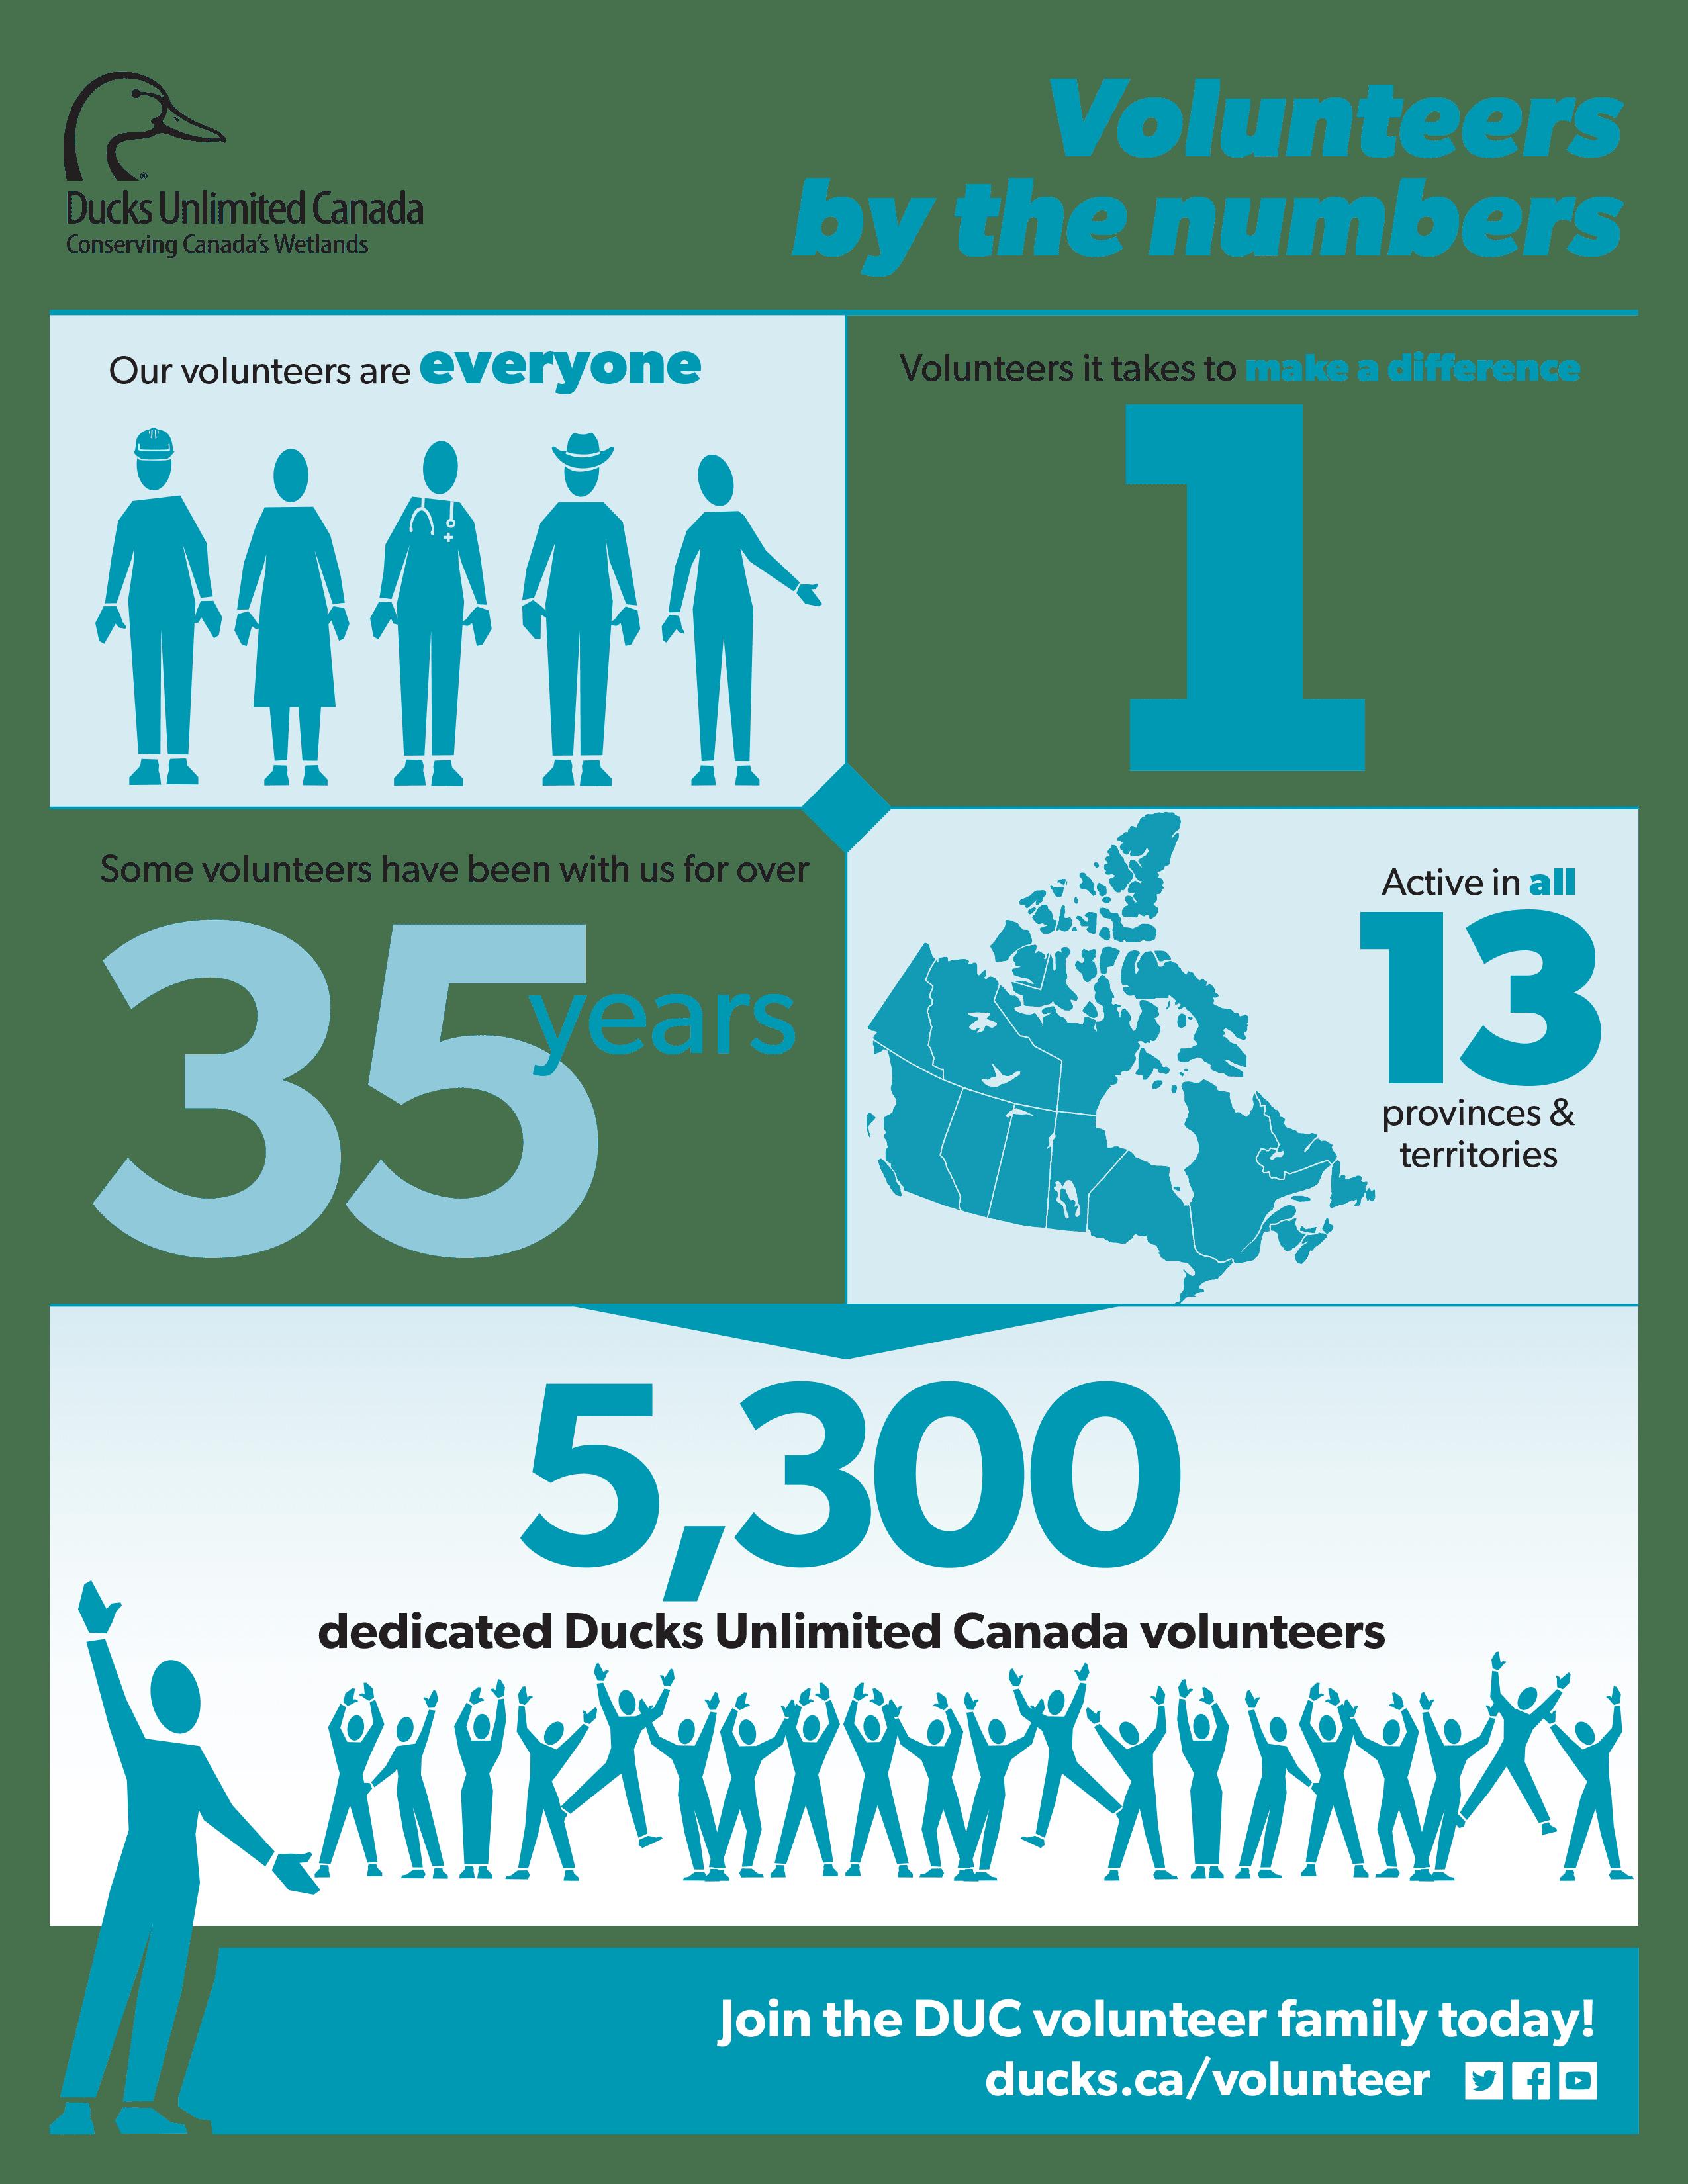 volunteer-infographic_final